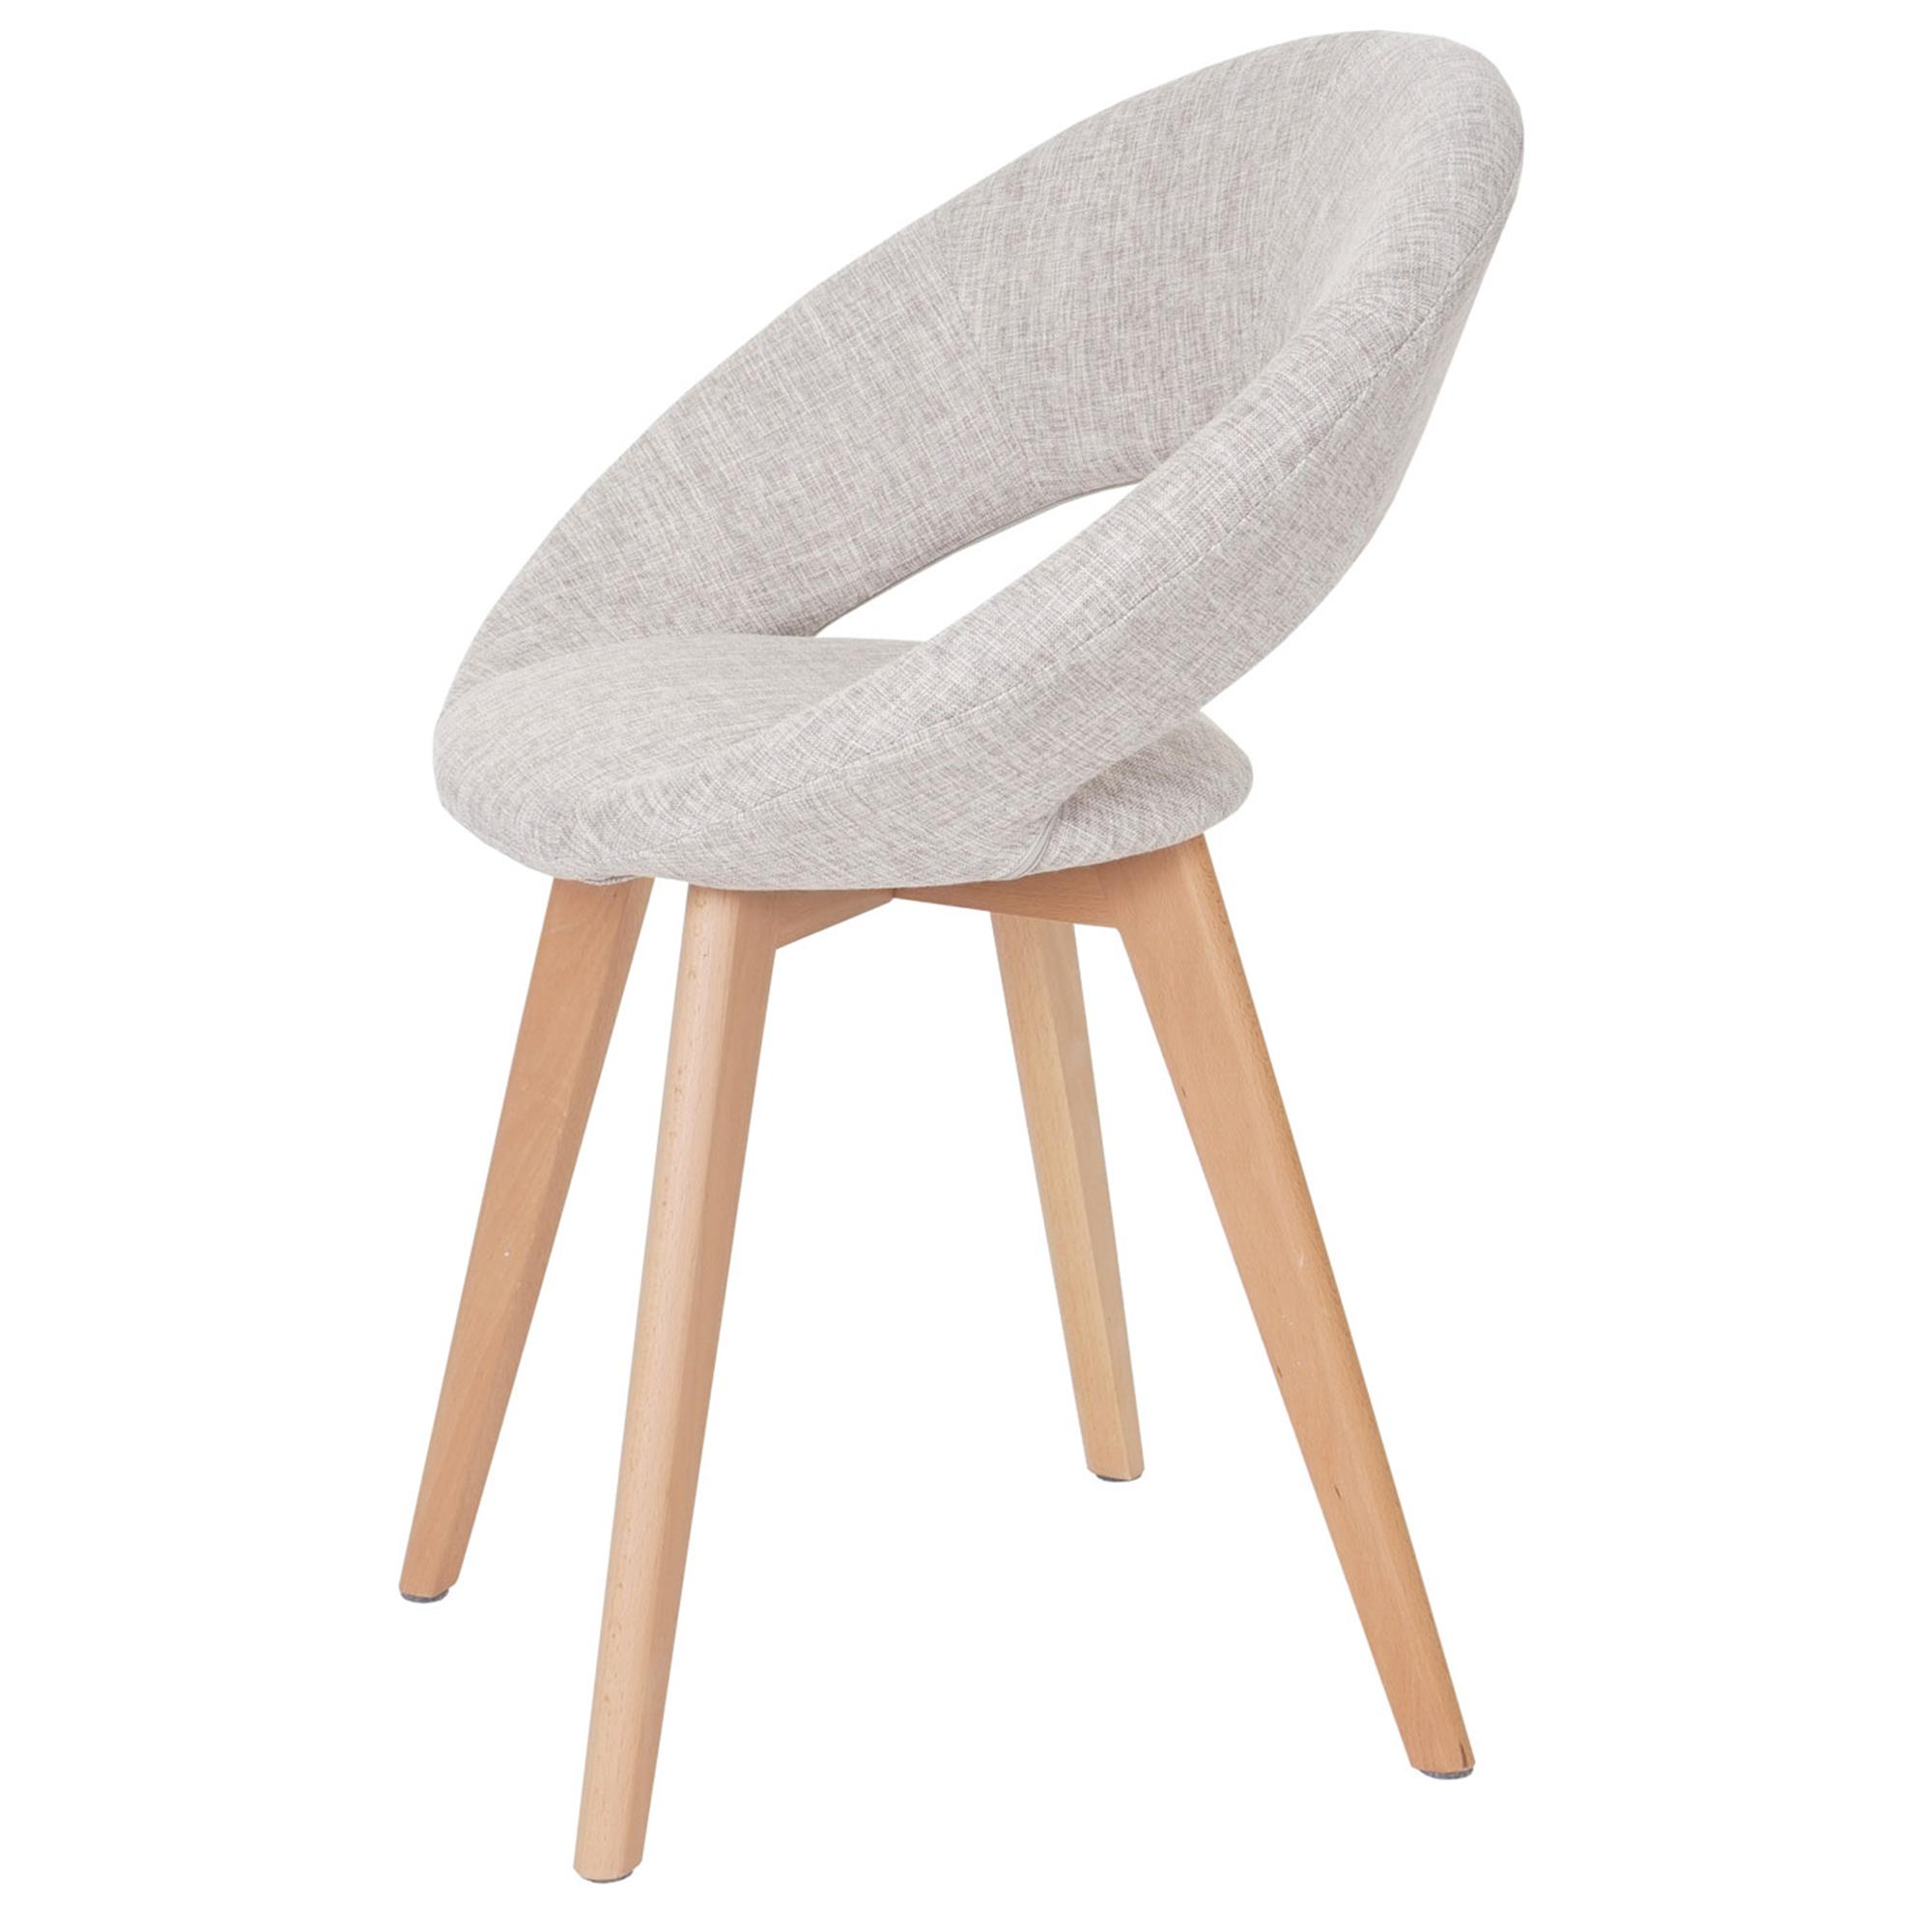 Silla de comedor vedri dise o retro en tela crema silla for Sillas para comedor tapizadas en tela